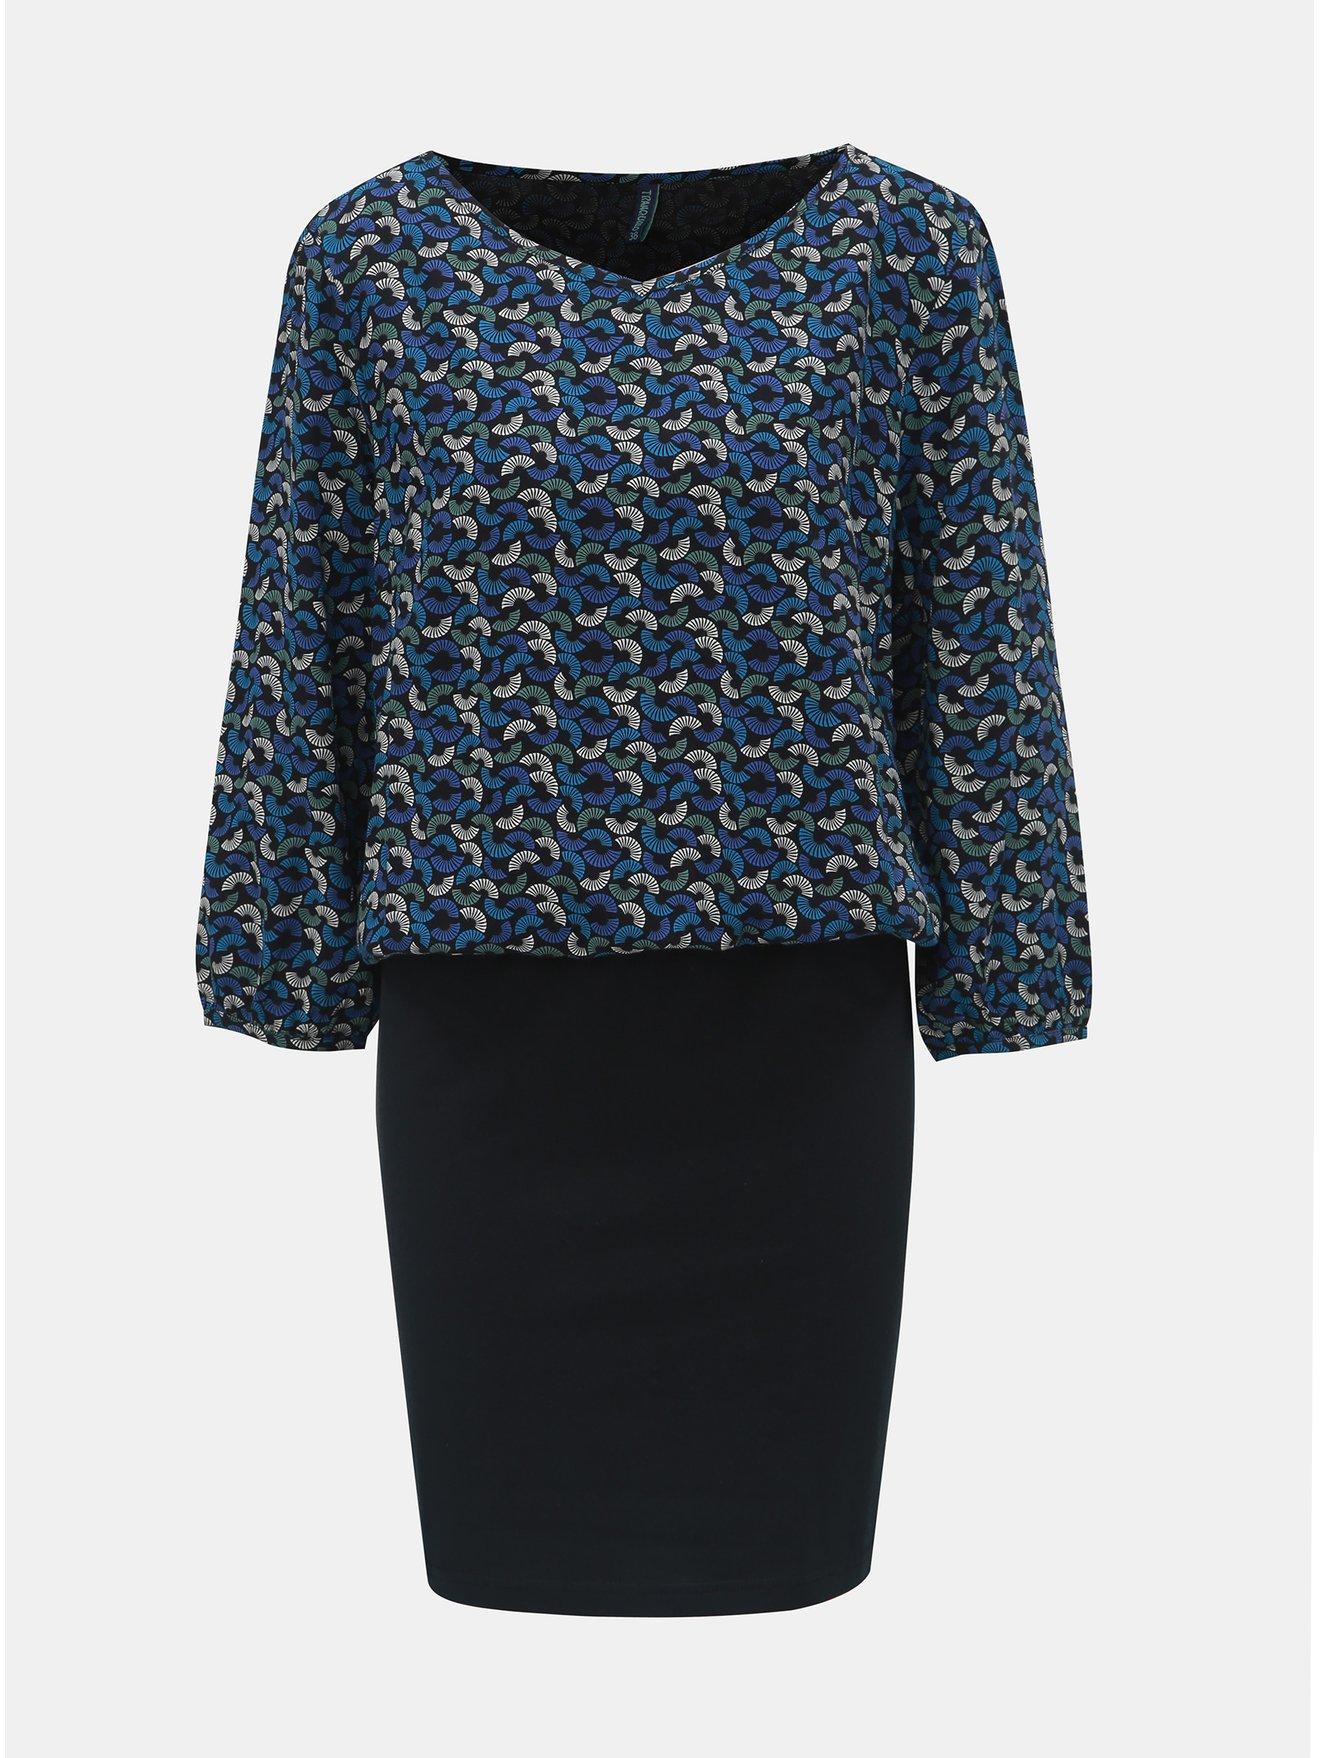 Černo-modré vzorované šaty s 3/4 rukávem Tranquillo Macha